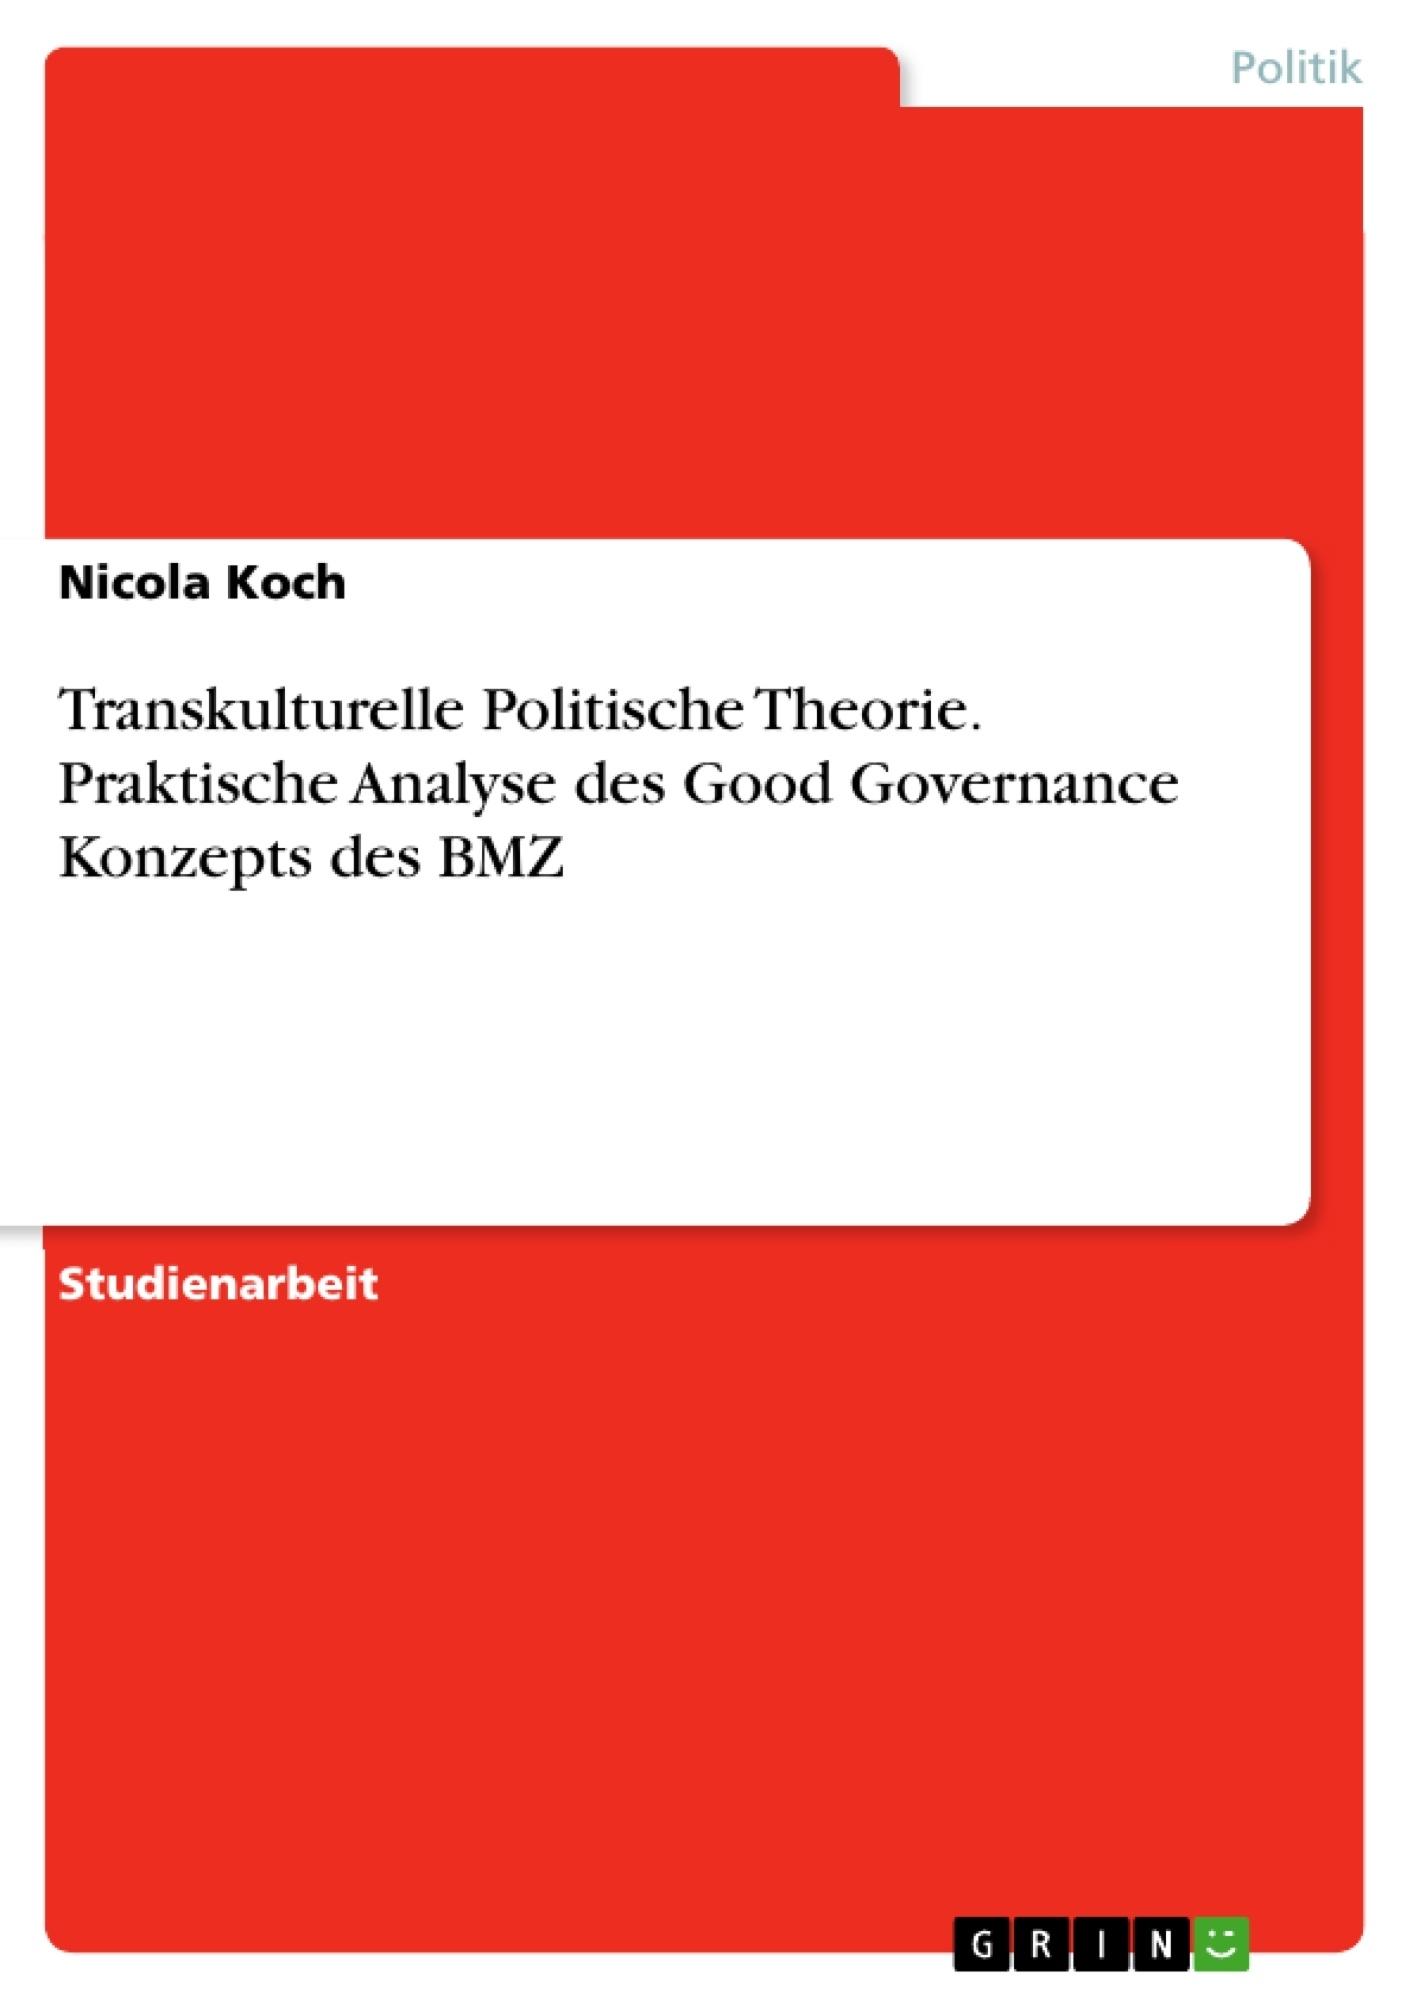 Titel: Transkulturelle Politische Theorie. Praktische Analyse des Good Governance Konzepts des BMZ